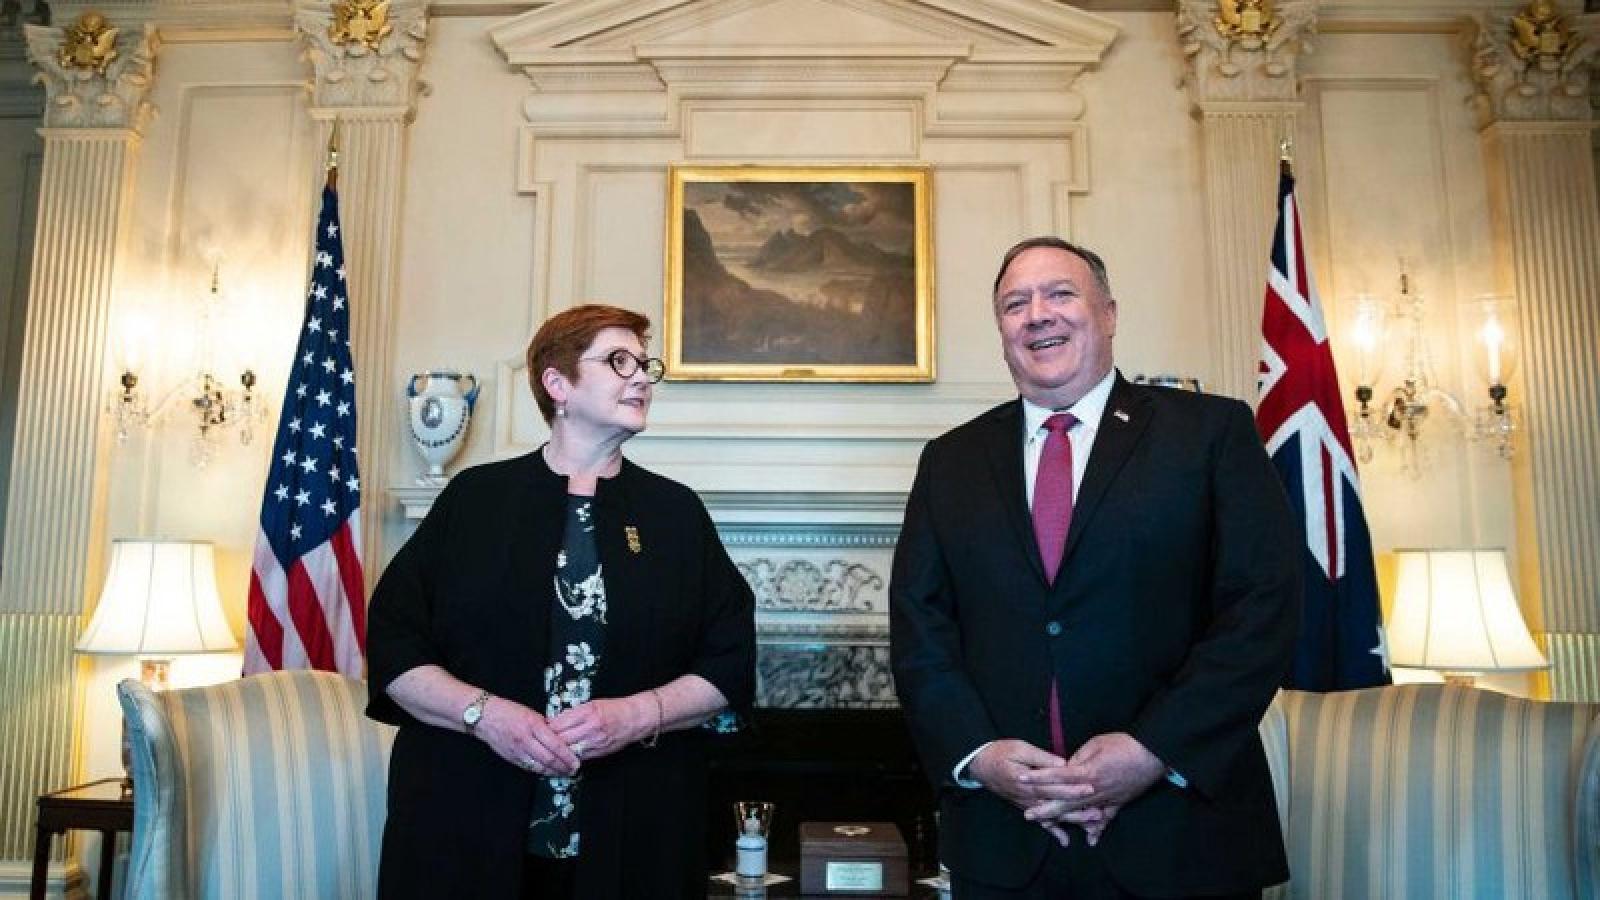 Australia và Mỹ cam kết hỗ trợ Ấn Độ-Thái Bình Dương đối phó Covid-19